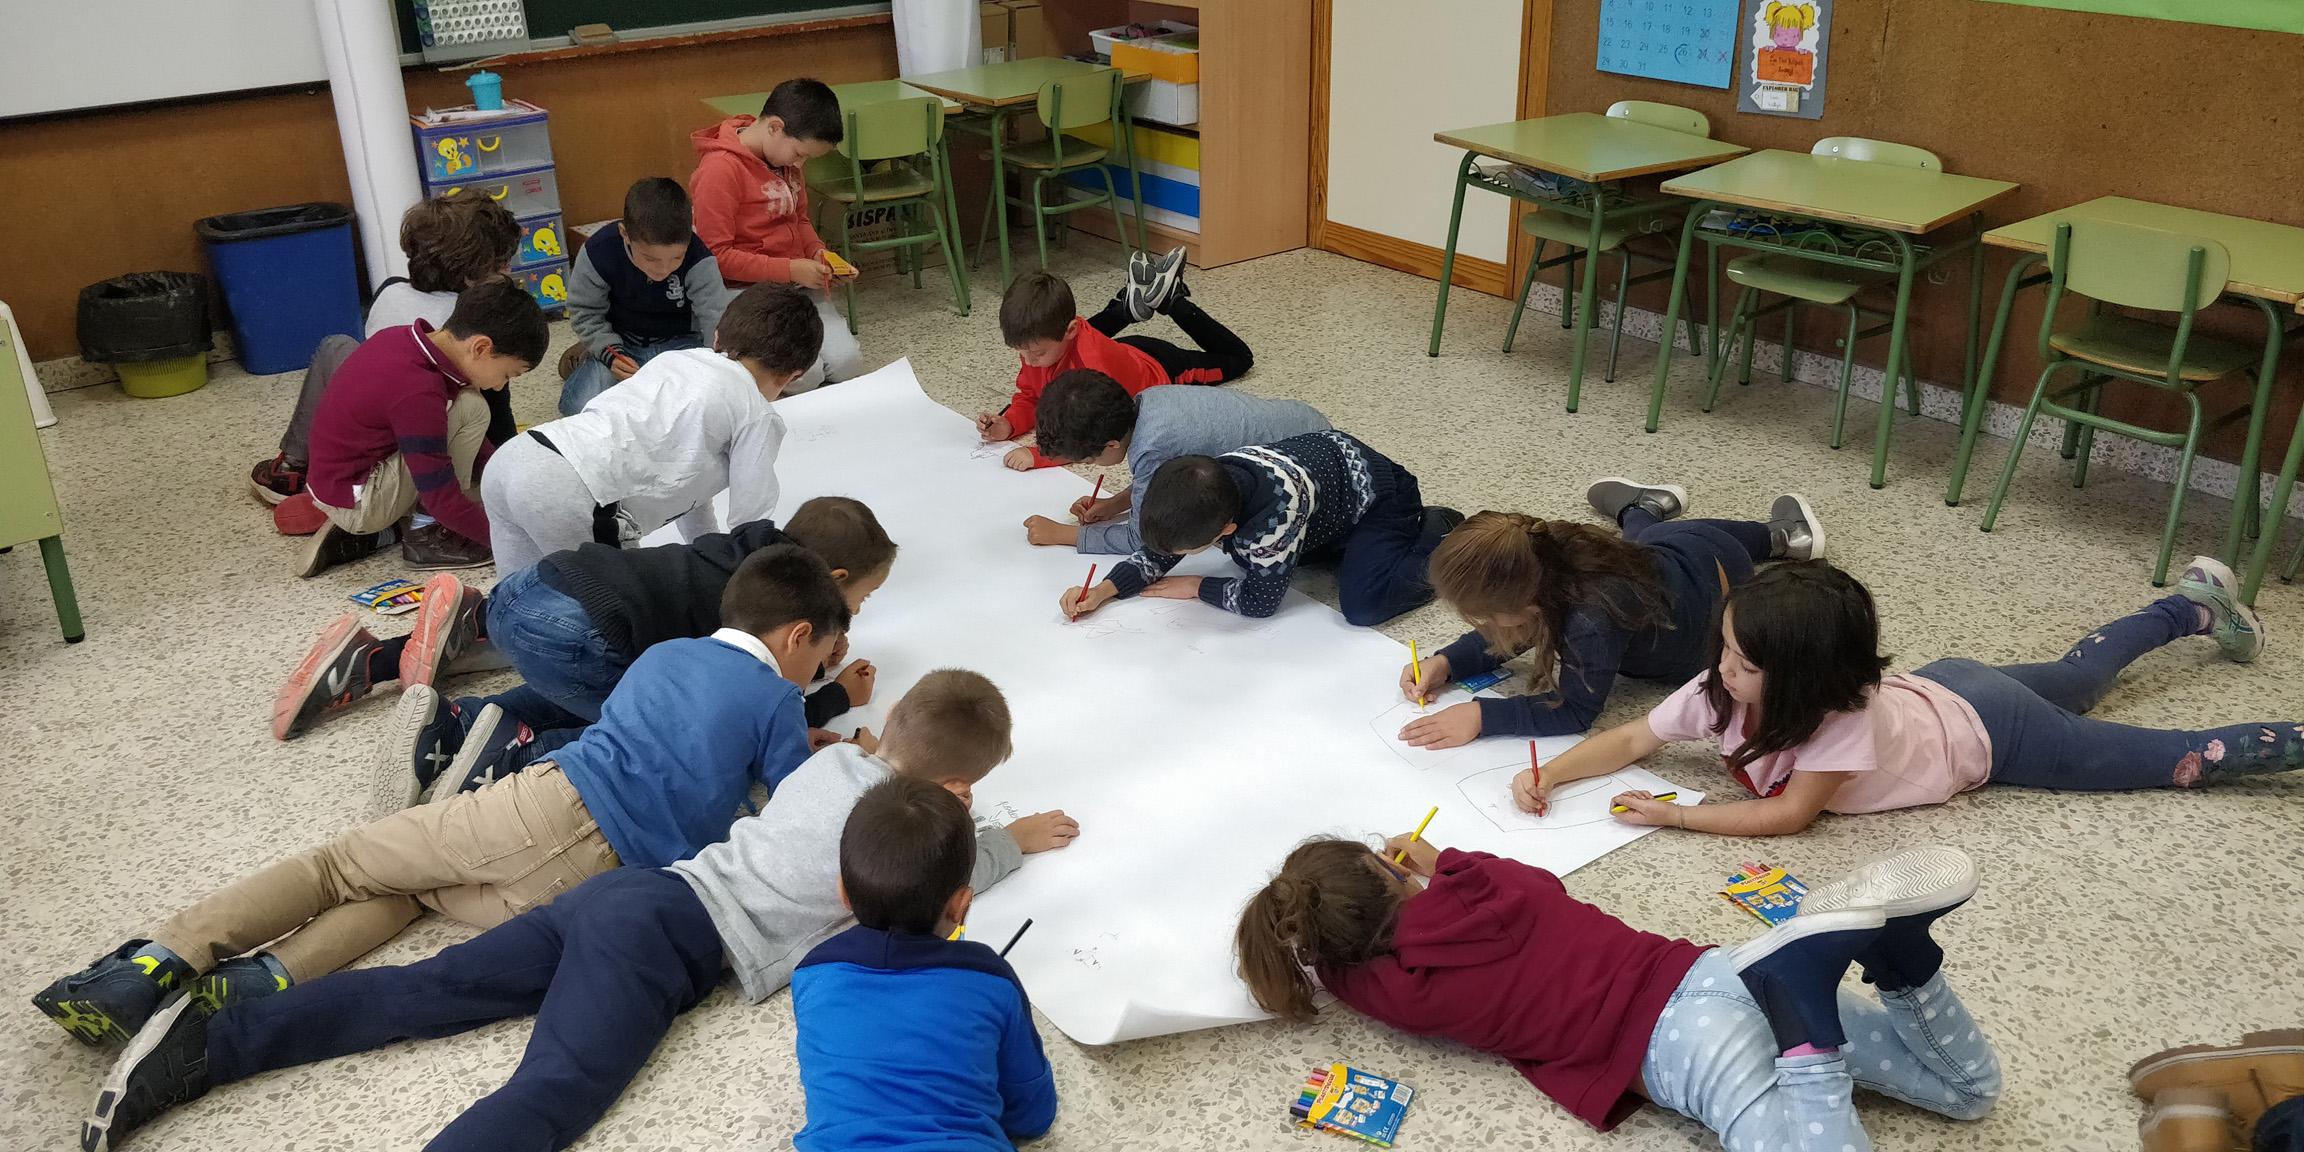 educacion primaria dibujando en clase